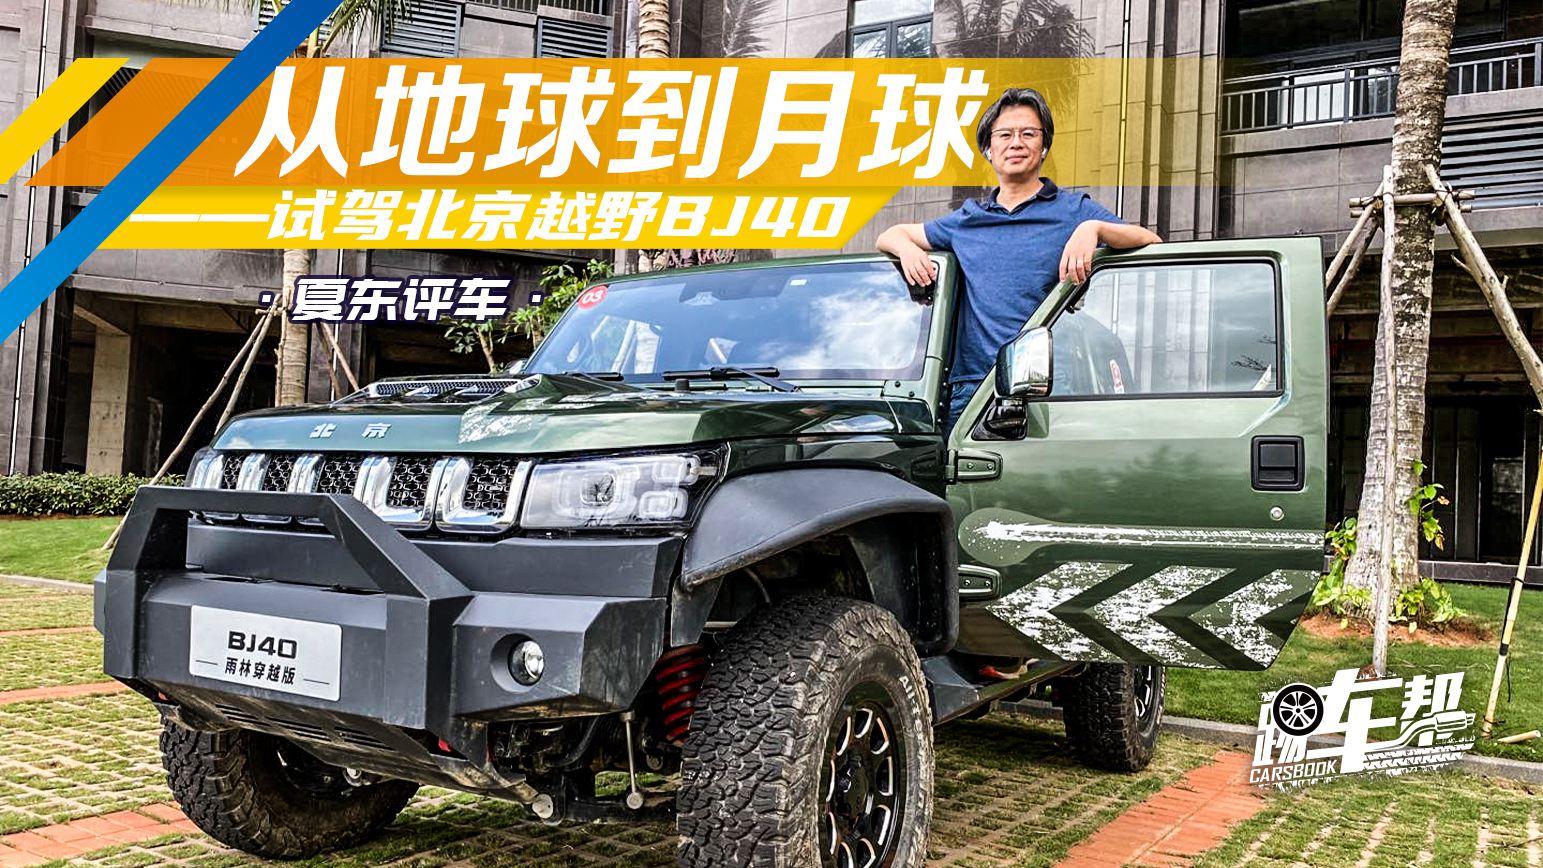 《夏东评车》从地球到月球试驾北京越野BJ40